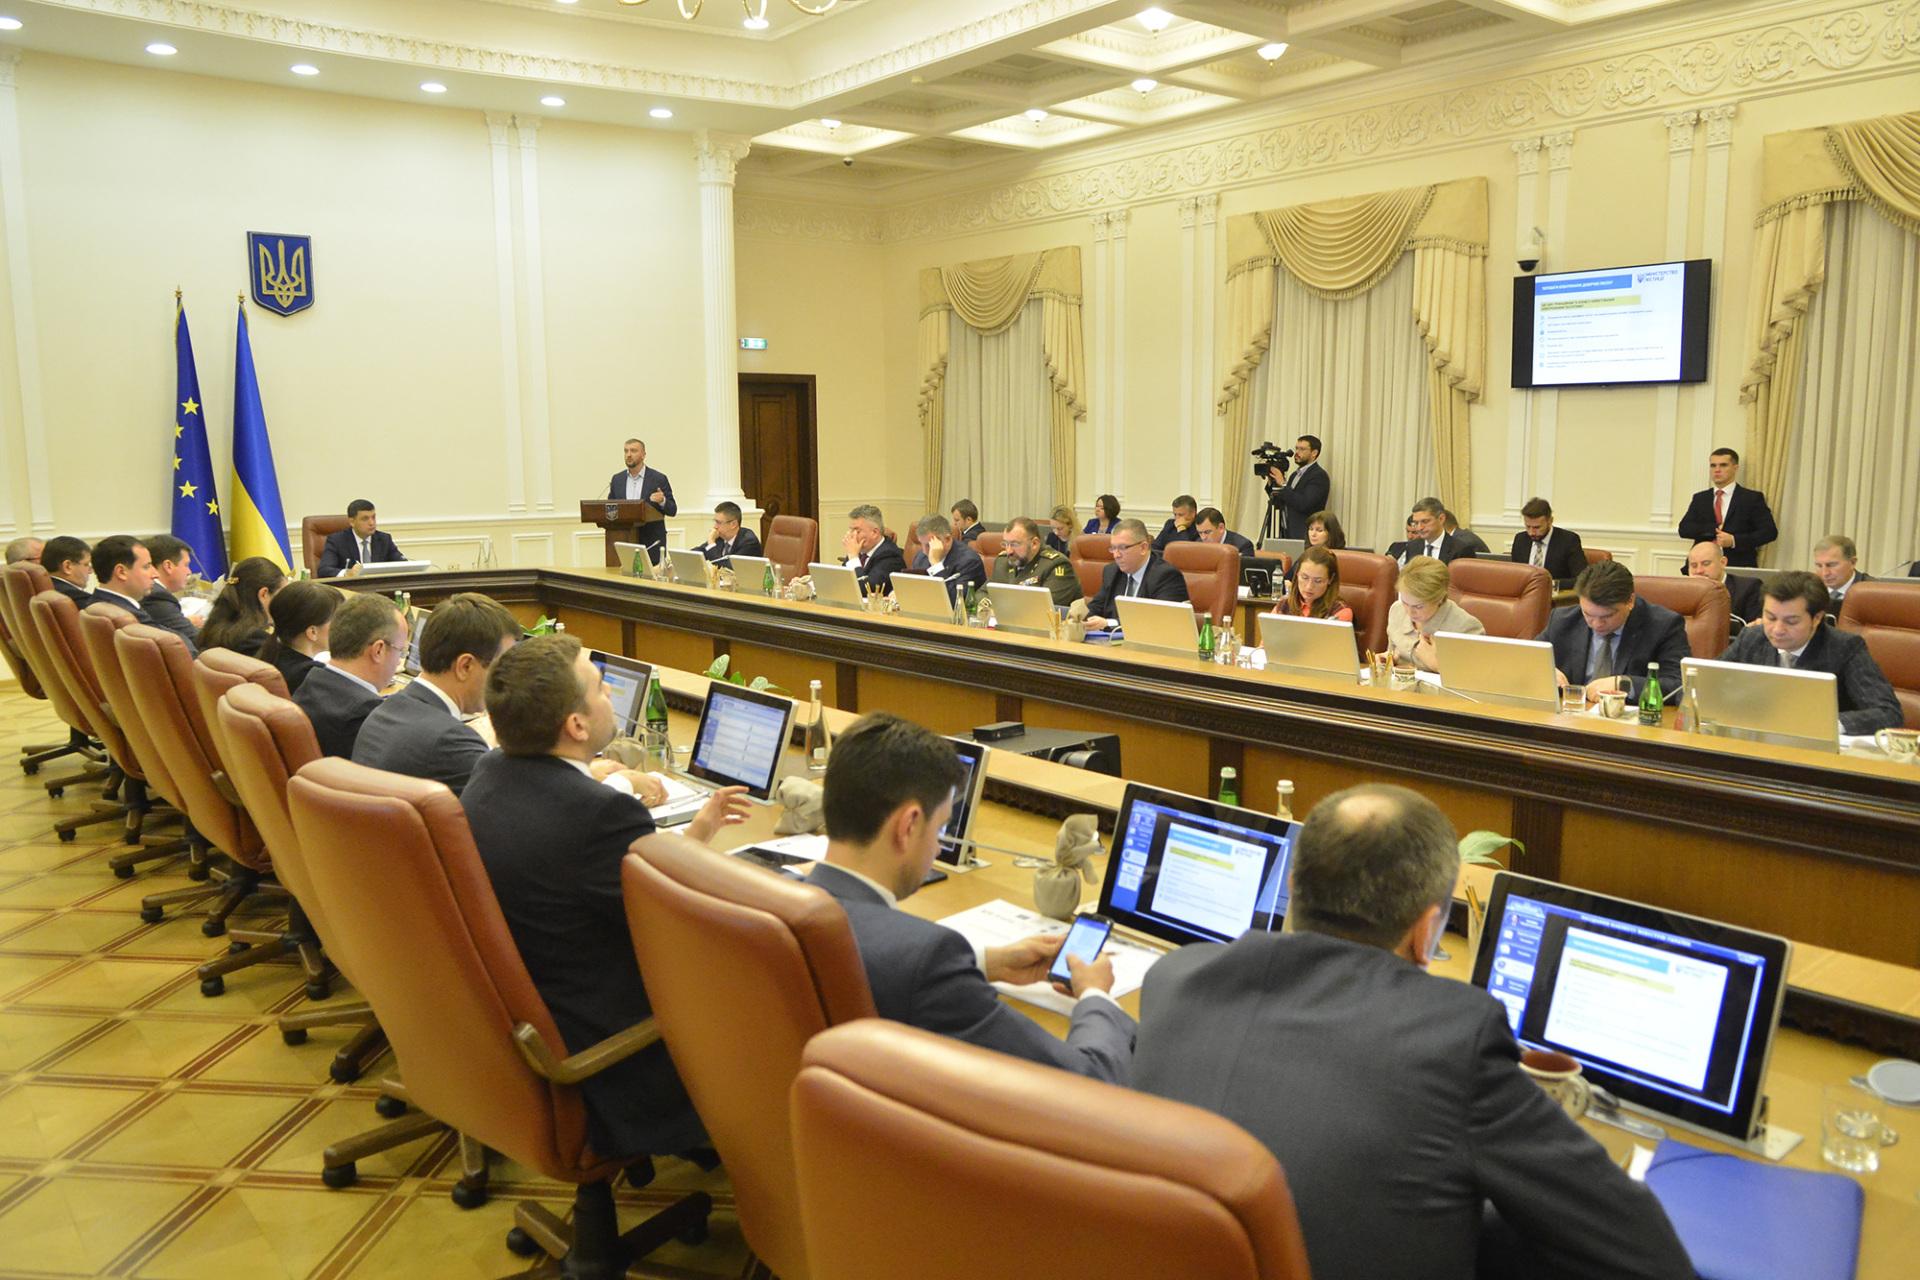 Відтепер українці отримуватимуть державні послуги за допомогою мобільного пристрою (фото)